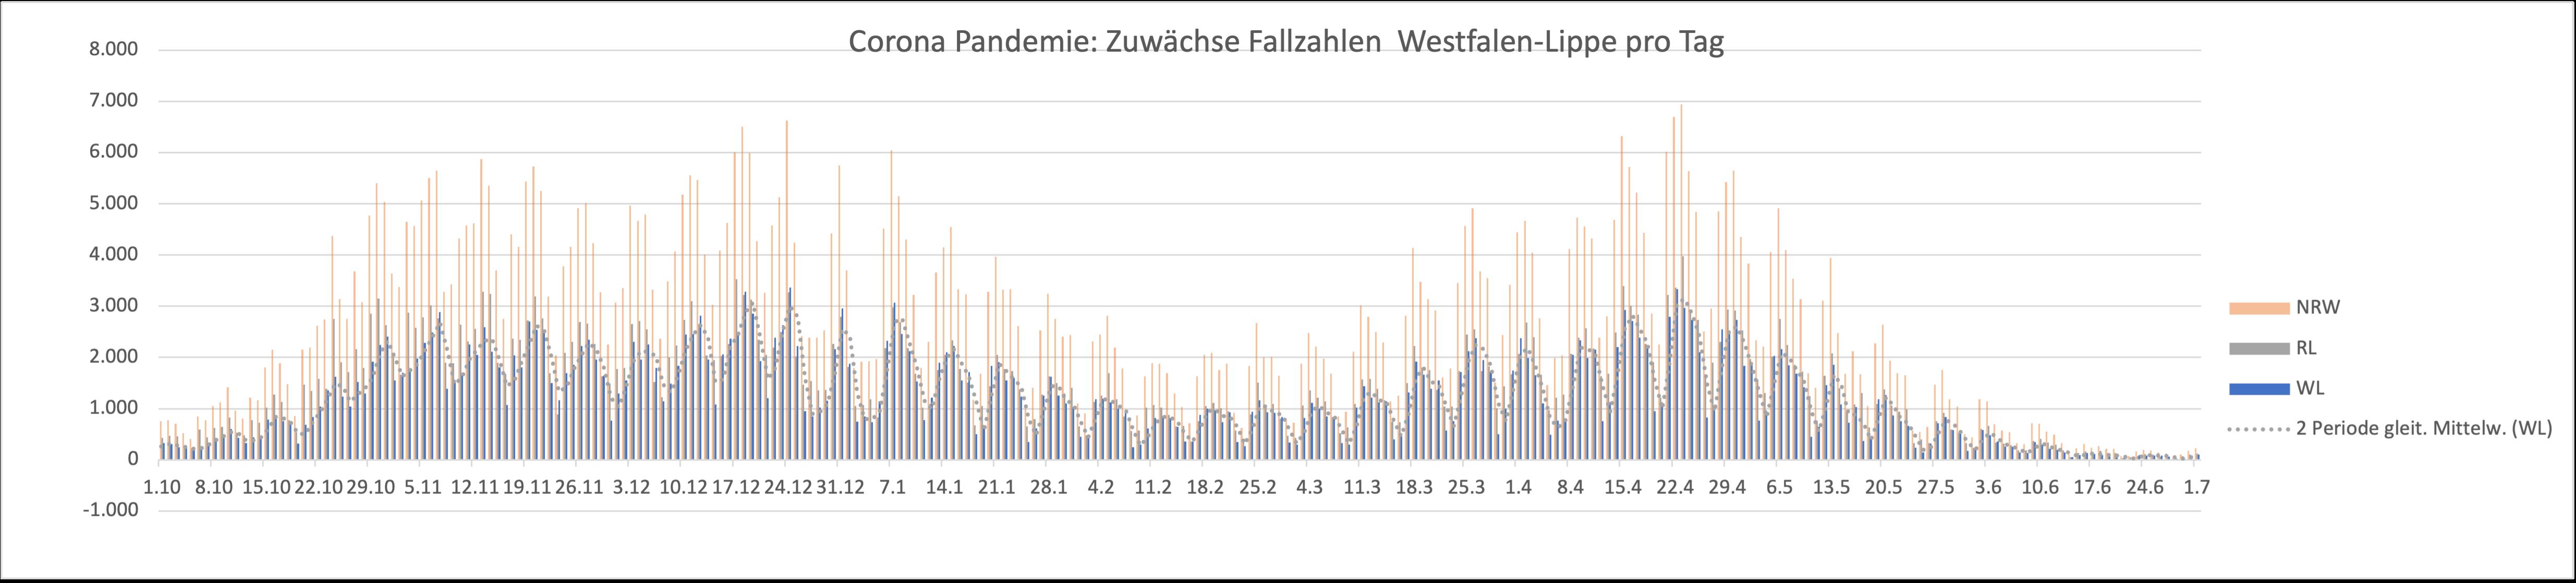 Gezeigt wird eine Grafik mit den Zuwächsen in NRW, Rheinland und Westfalen-Lippe